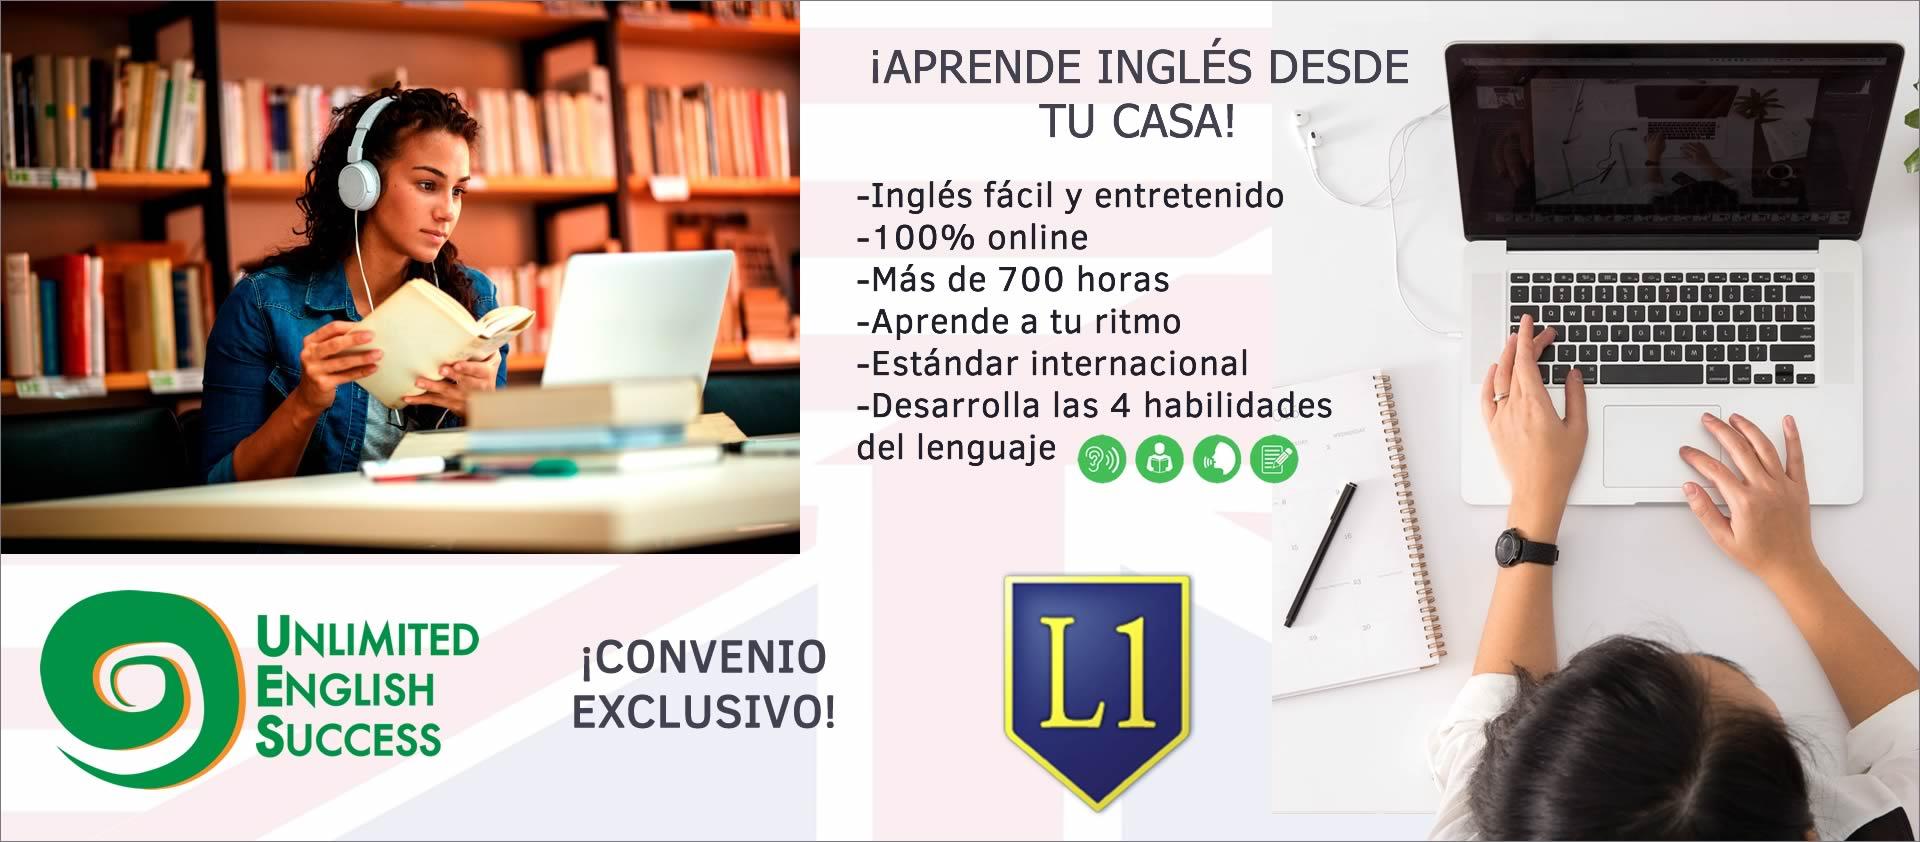 Convenio Unlimited English Success con Liceo 1 se extiende por el verano.